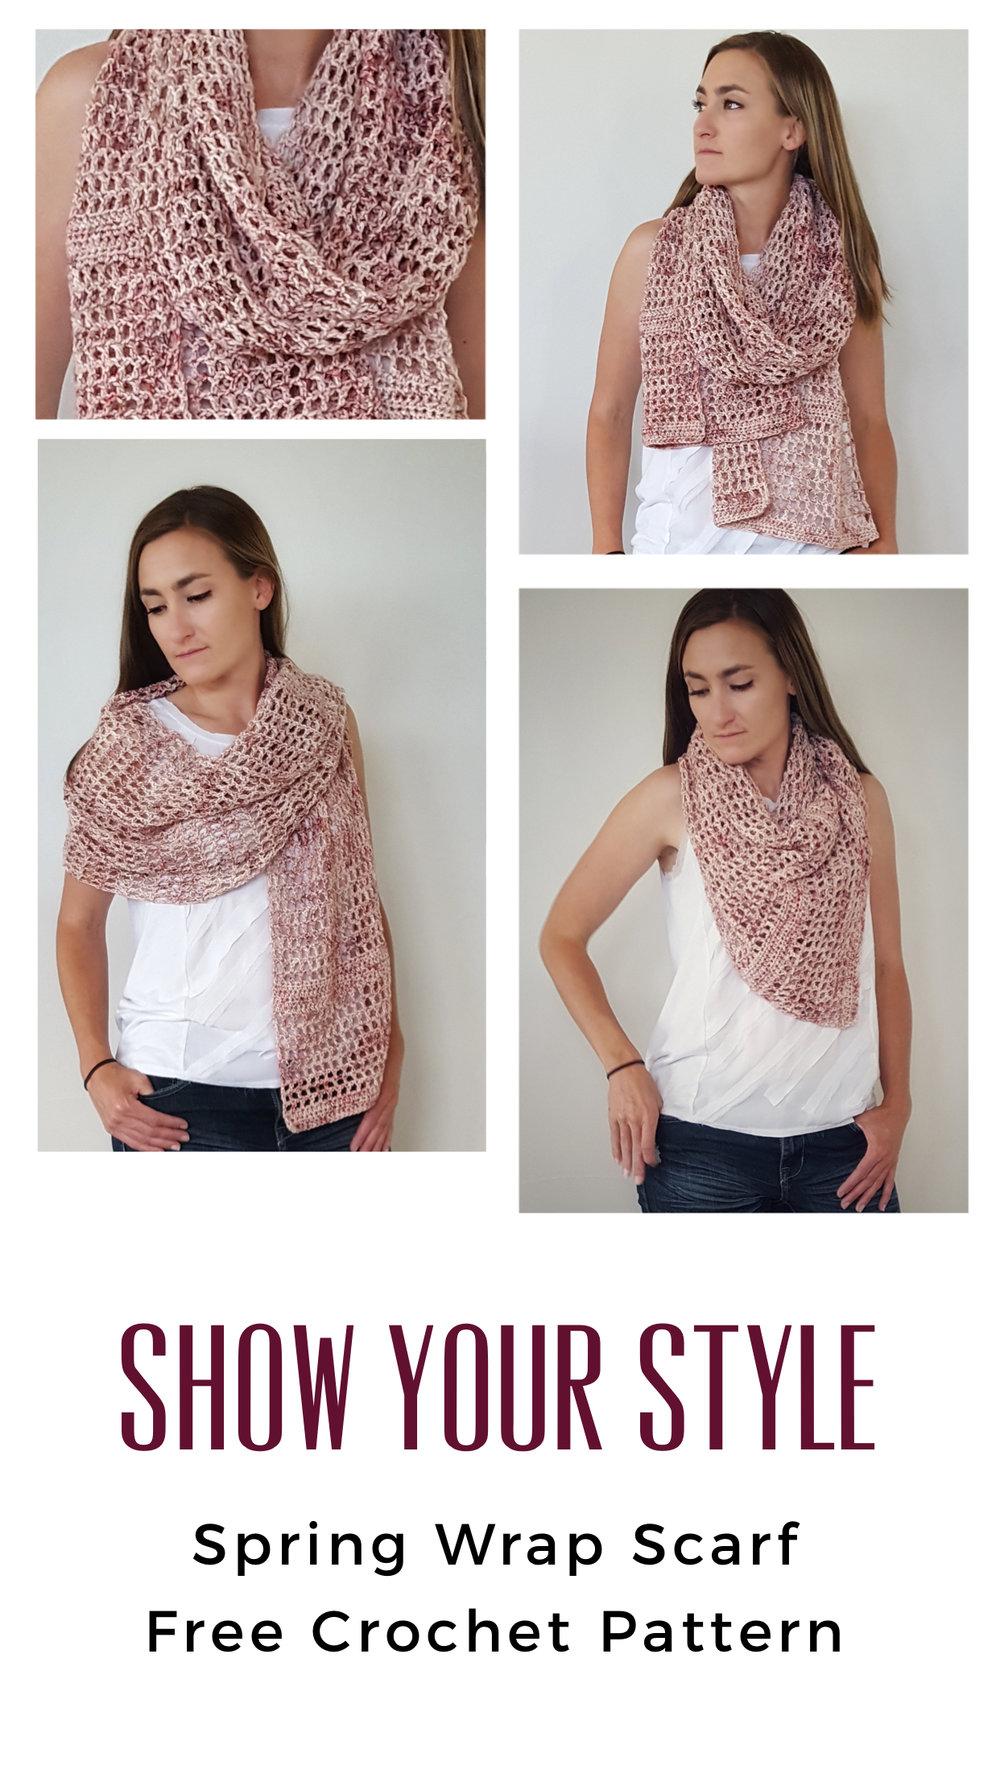 UnicornStole_Free_Crochet_Pattern_2dm.jpg